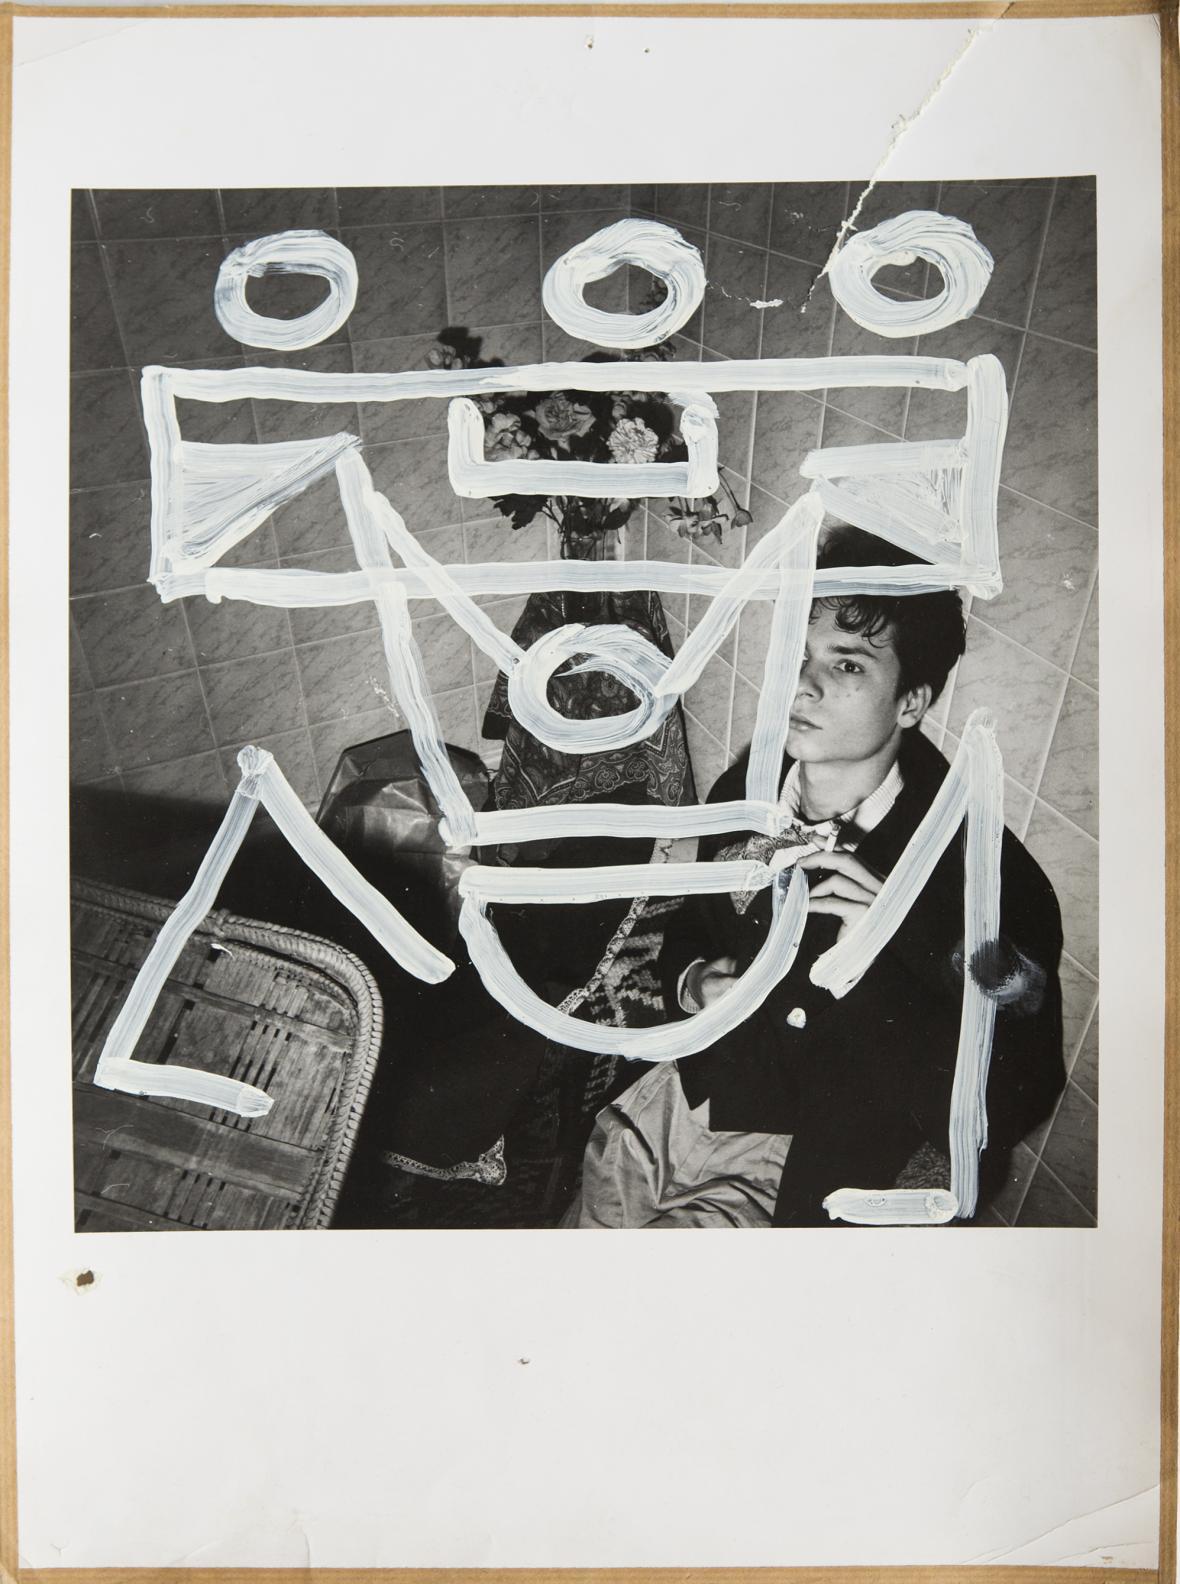 Z výstavy Adam Holý: Archiv I. (Ateliér Josefa Sudka)